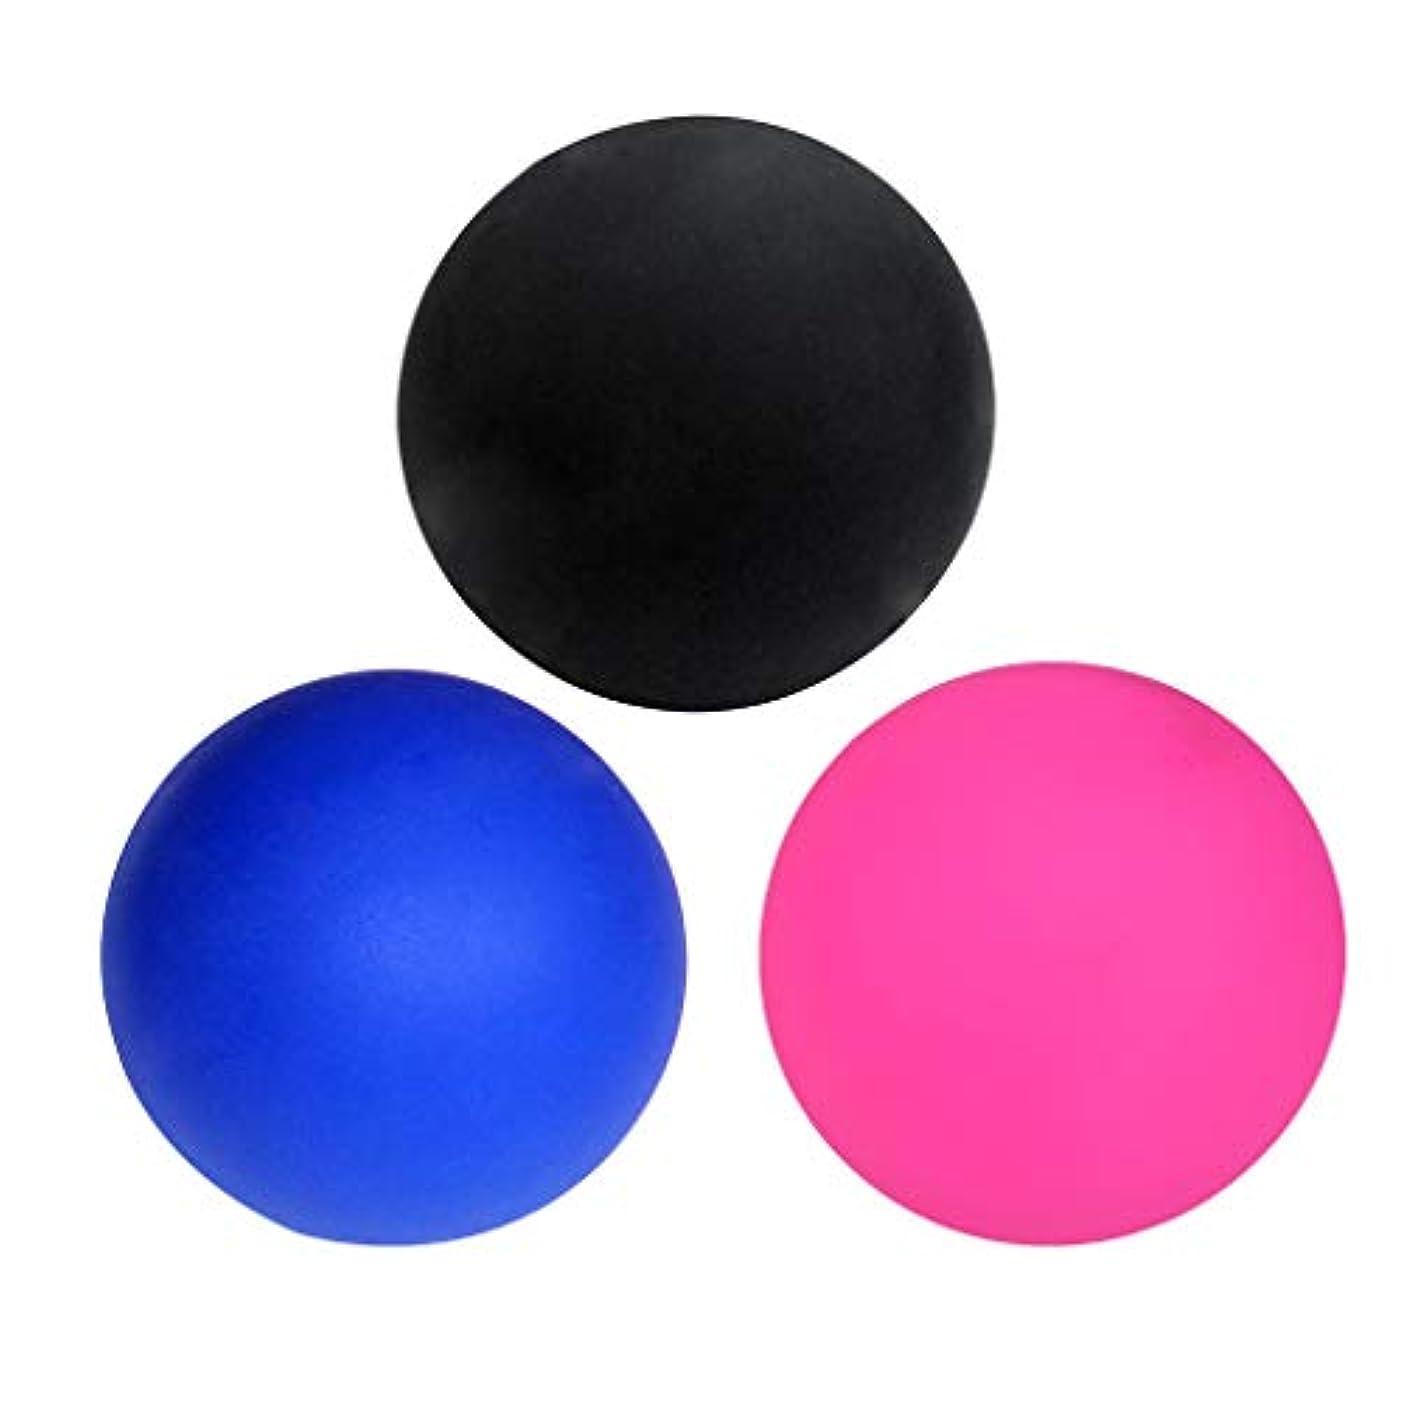 石炭墓ショップchiwanji 3個 マッサージボール 筋膜リリース ラクロスボール トリガーポイント 疲れ解消ボール ツボ押しグッズ